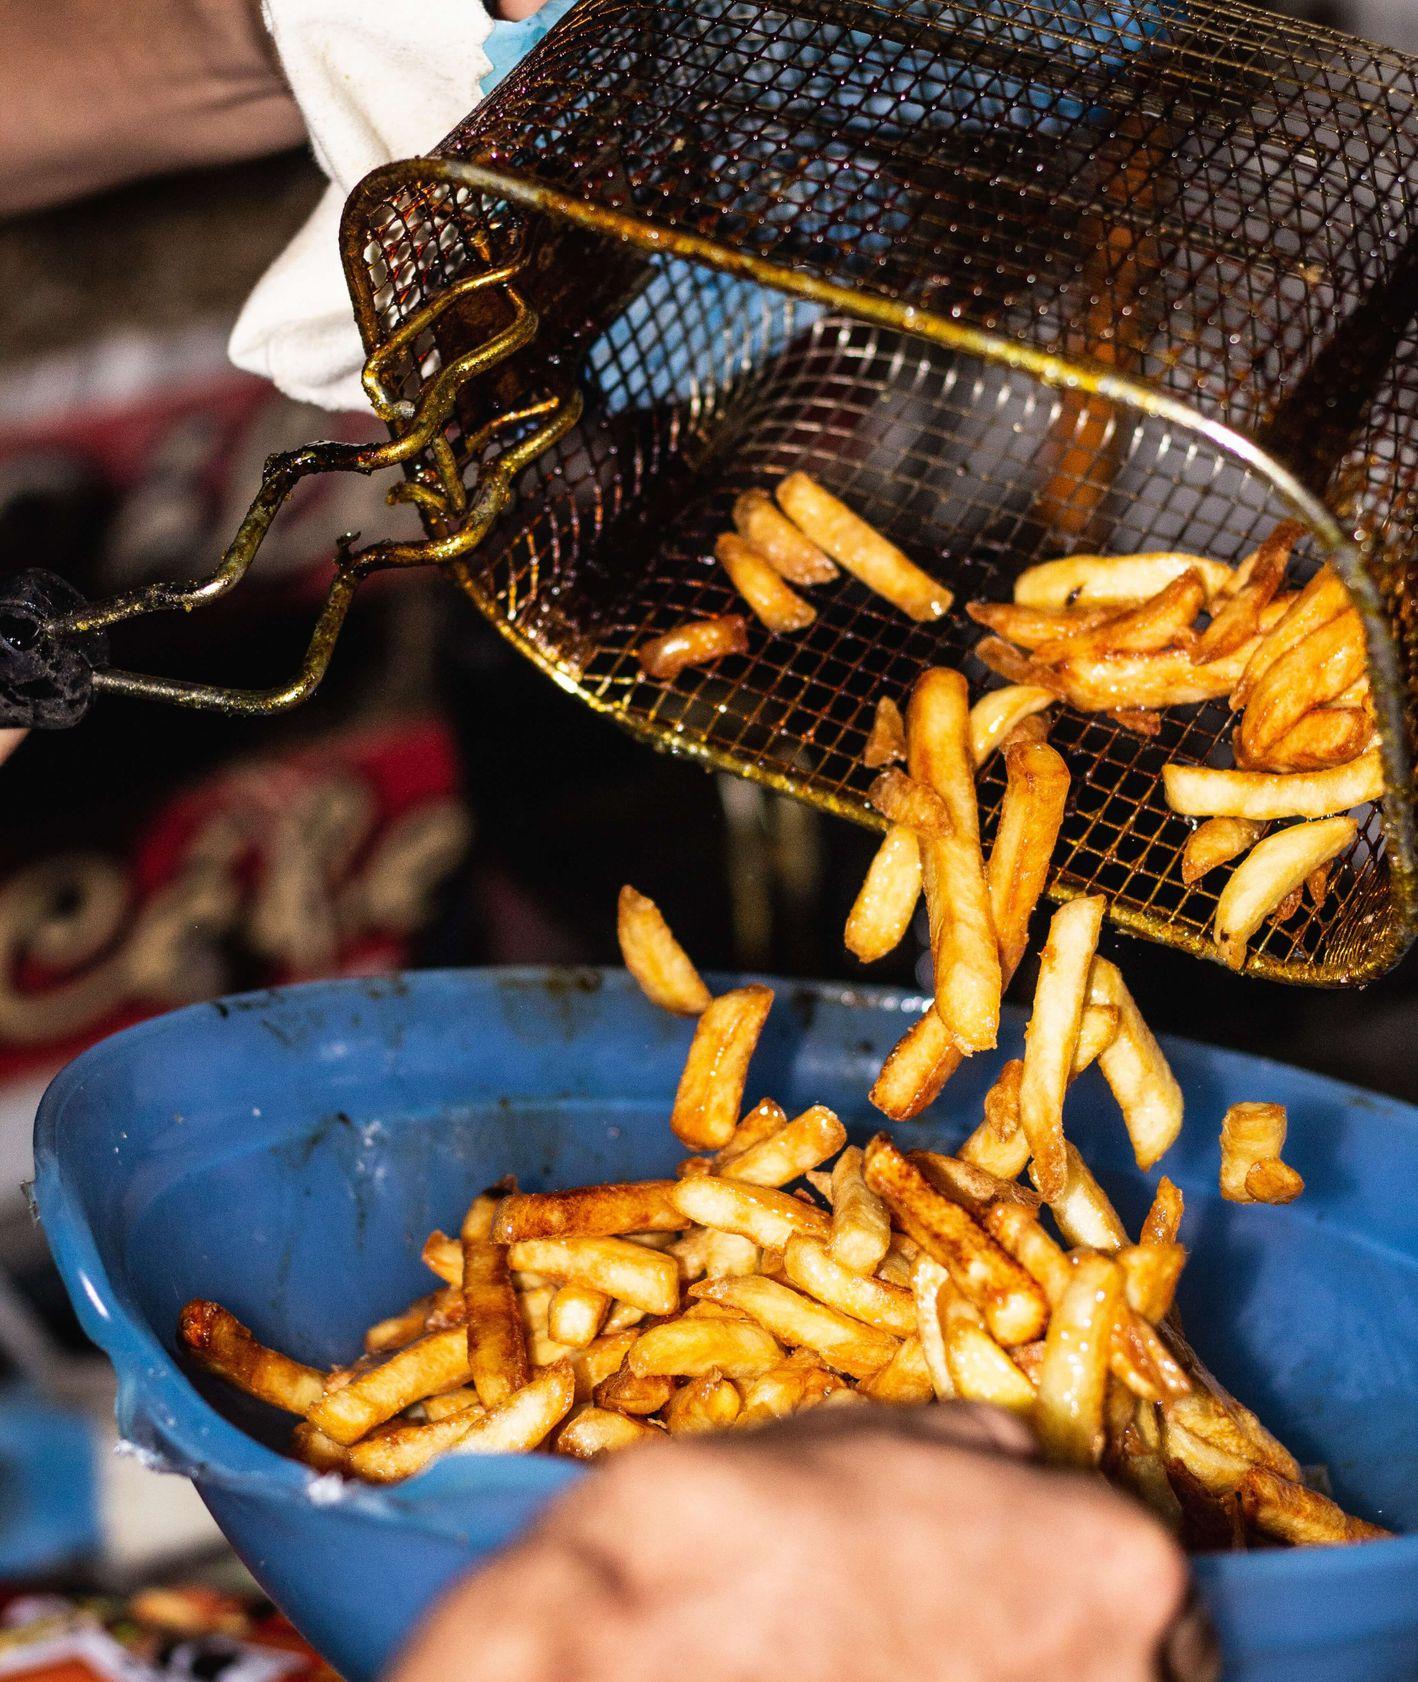 Frytki wysypywane z frytkownicy, fast food (fot. Lucas Mellec)